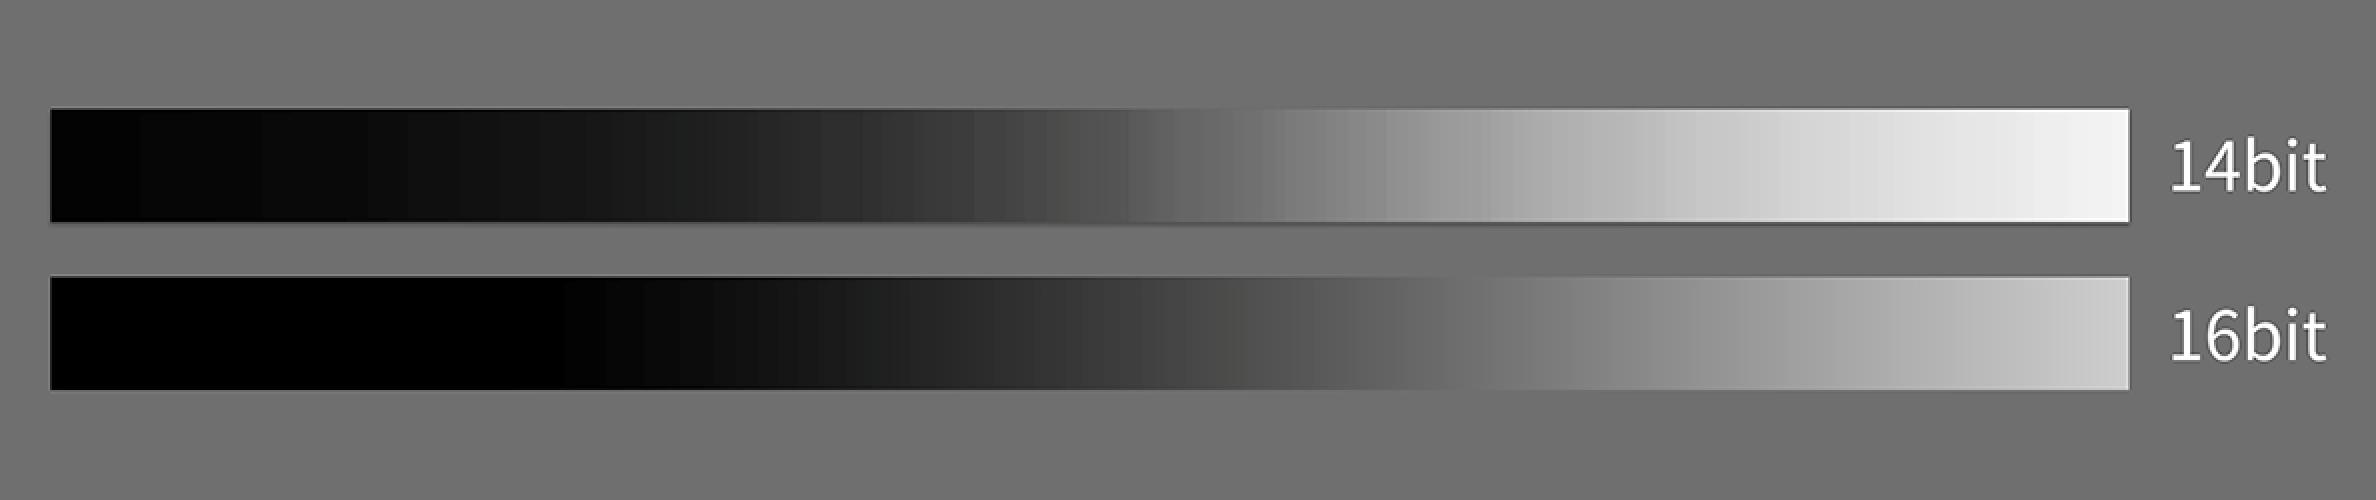 14bit-vs-16bit